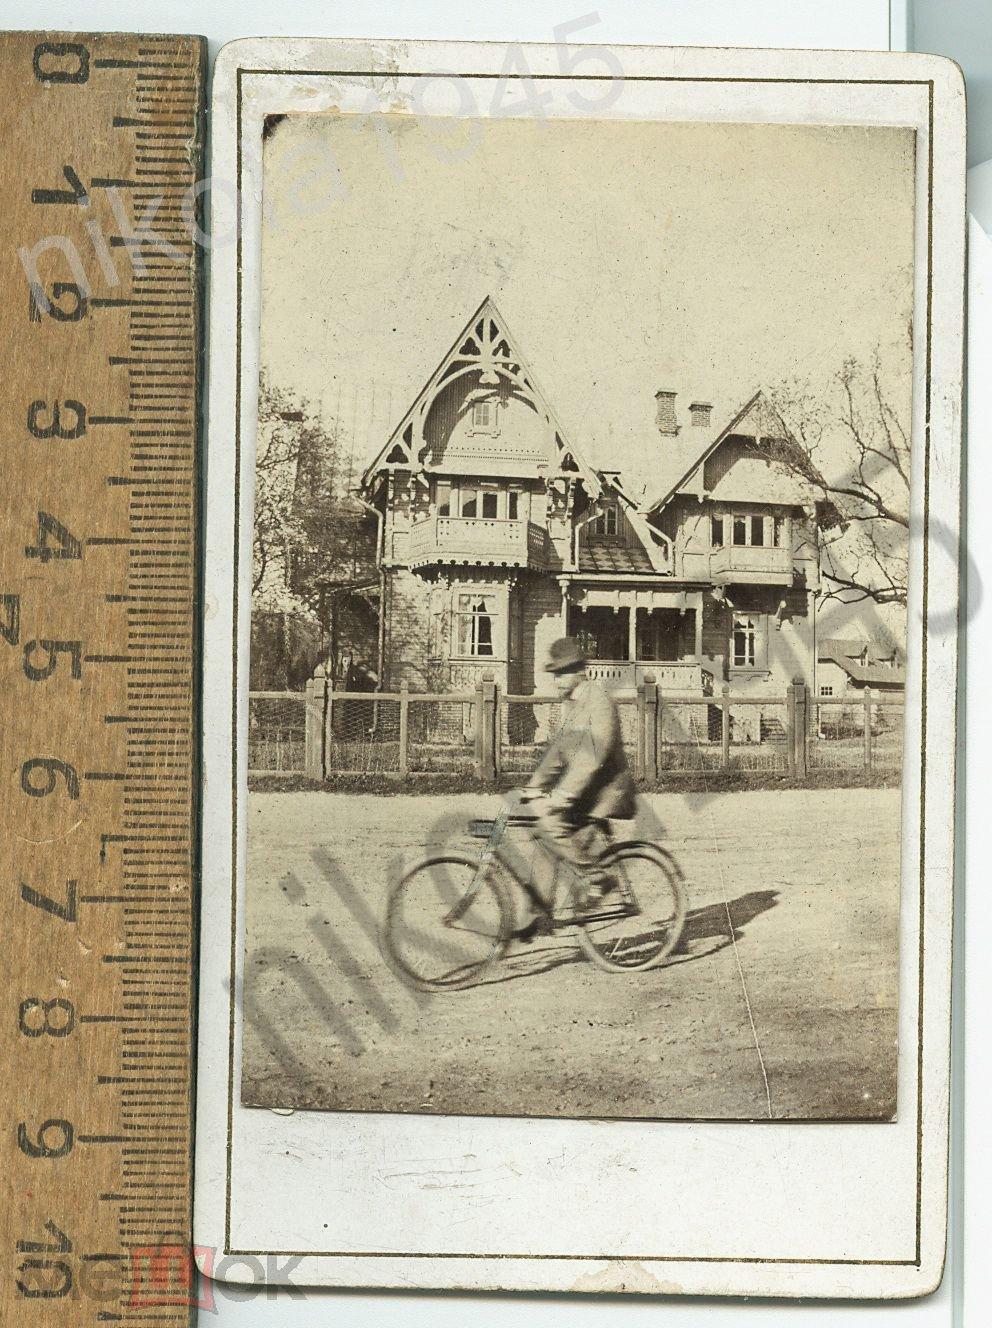 Северный модерн Деревянный дом Дача Российская Империя Велосипед Фотография Начало ХХ века